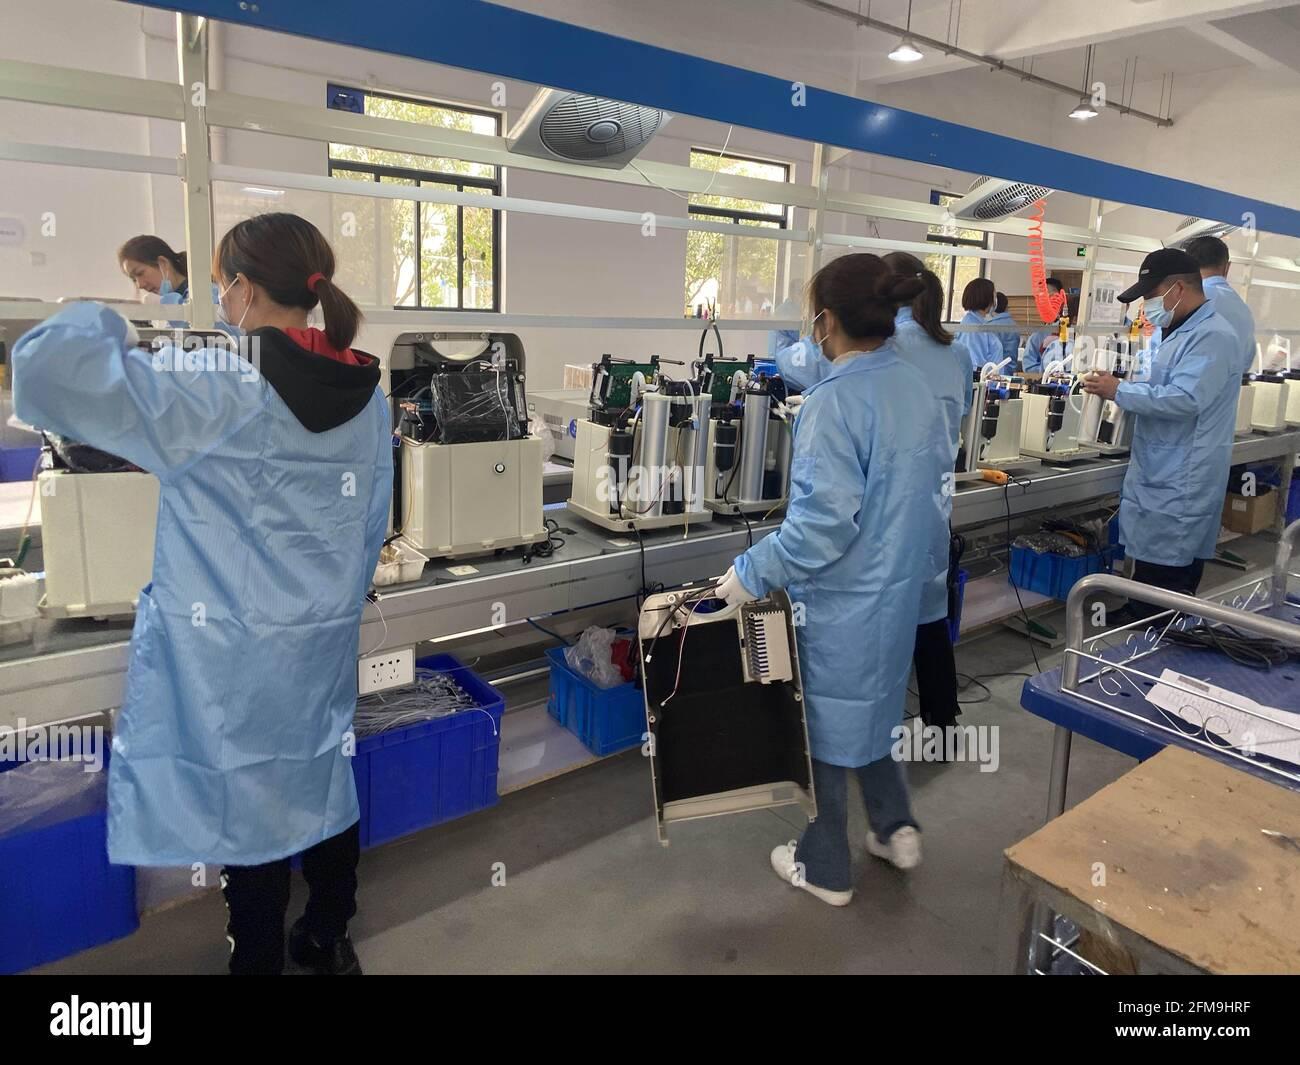 (210507) -- ZHENGZHOU, 7 mai 2021 (Xinhua) -- photo du dossier prise le 15 avril 2021 montre les membres du personnel travaillant sur la chaîne de production de Zhengzhou Olive Electronic Technology Co., Ltd. À Zhengzhou, capitale de la province de Henan en Chine centrale. (Xinhua) Banque D'Images